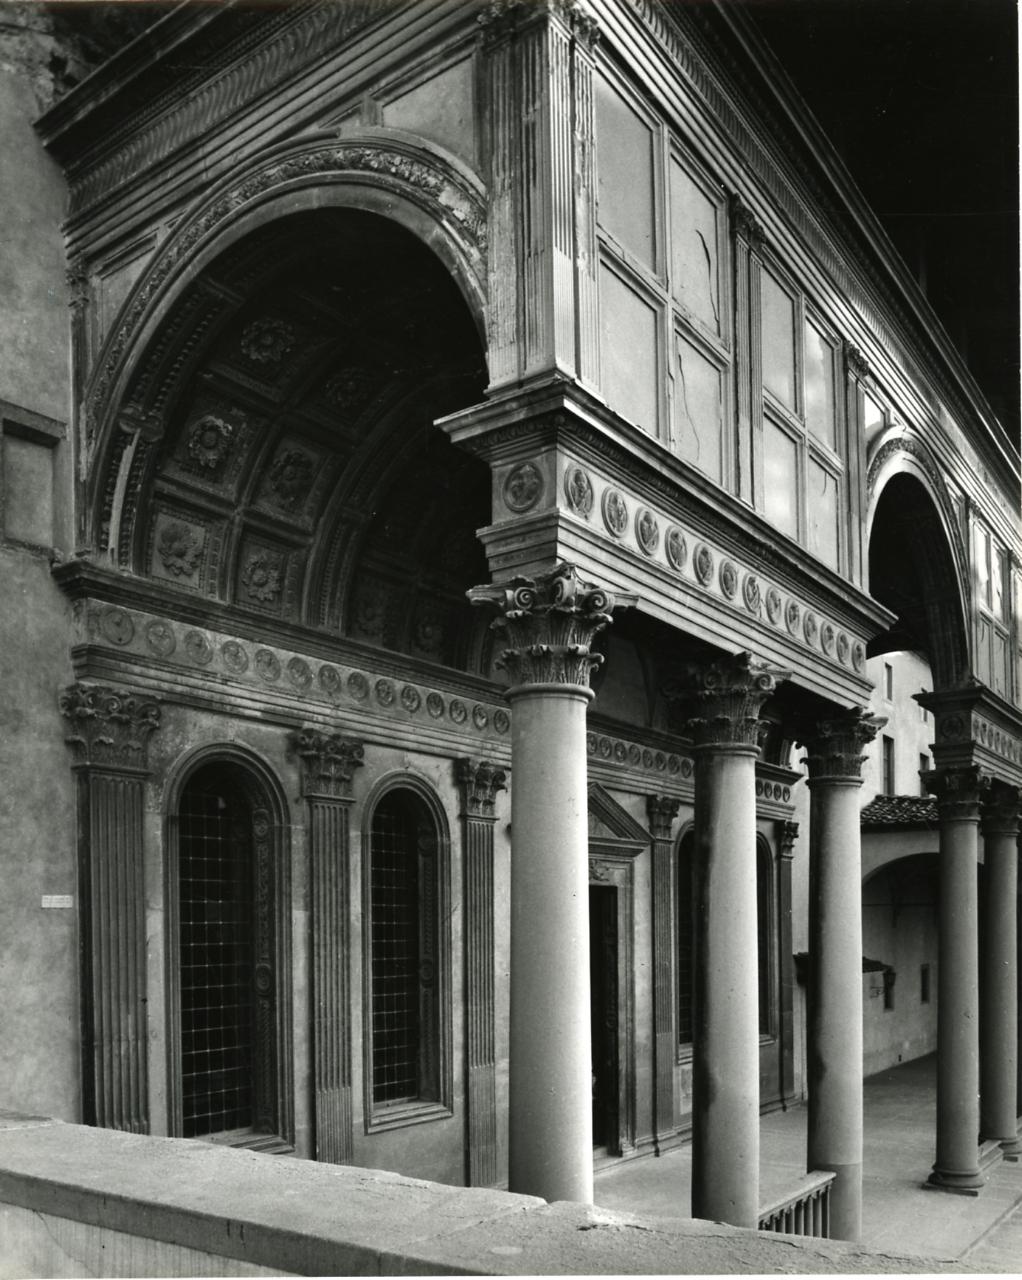 Paolo Monti - Servizio fotografico (Firenze, 1966) - BEIC 6366268.jpg